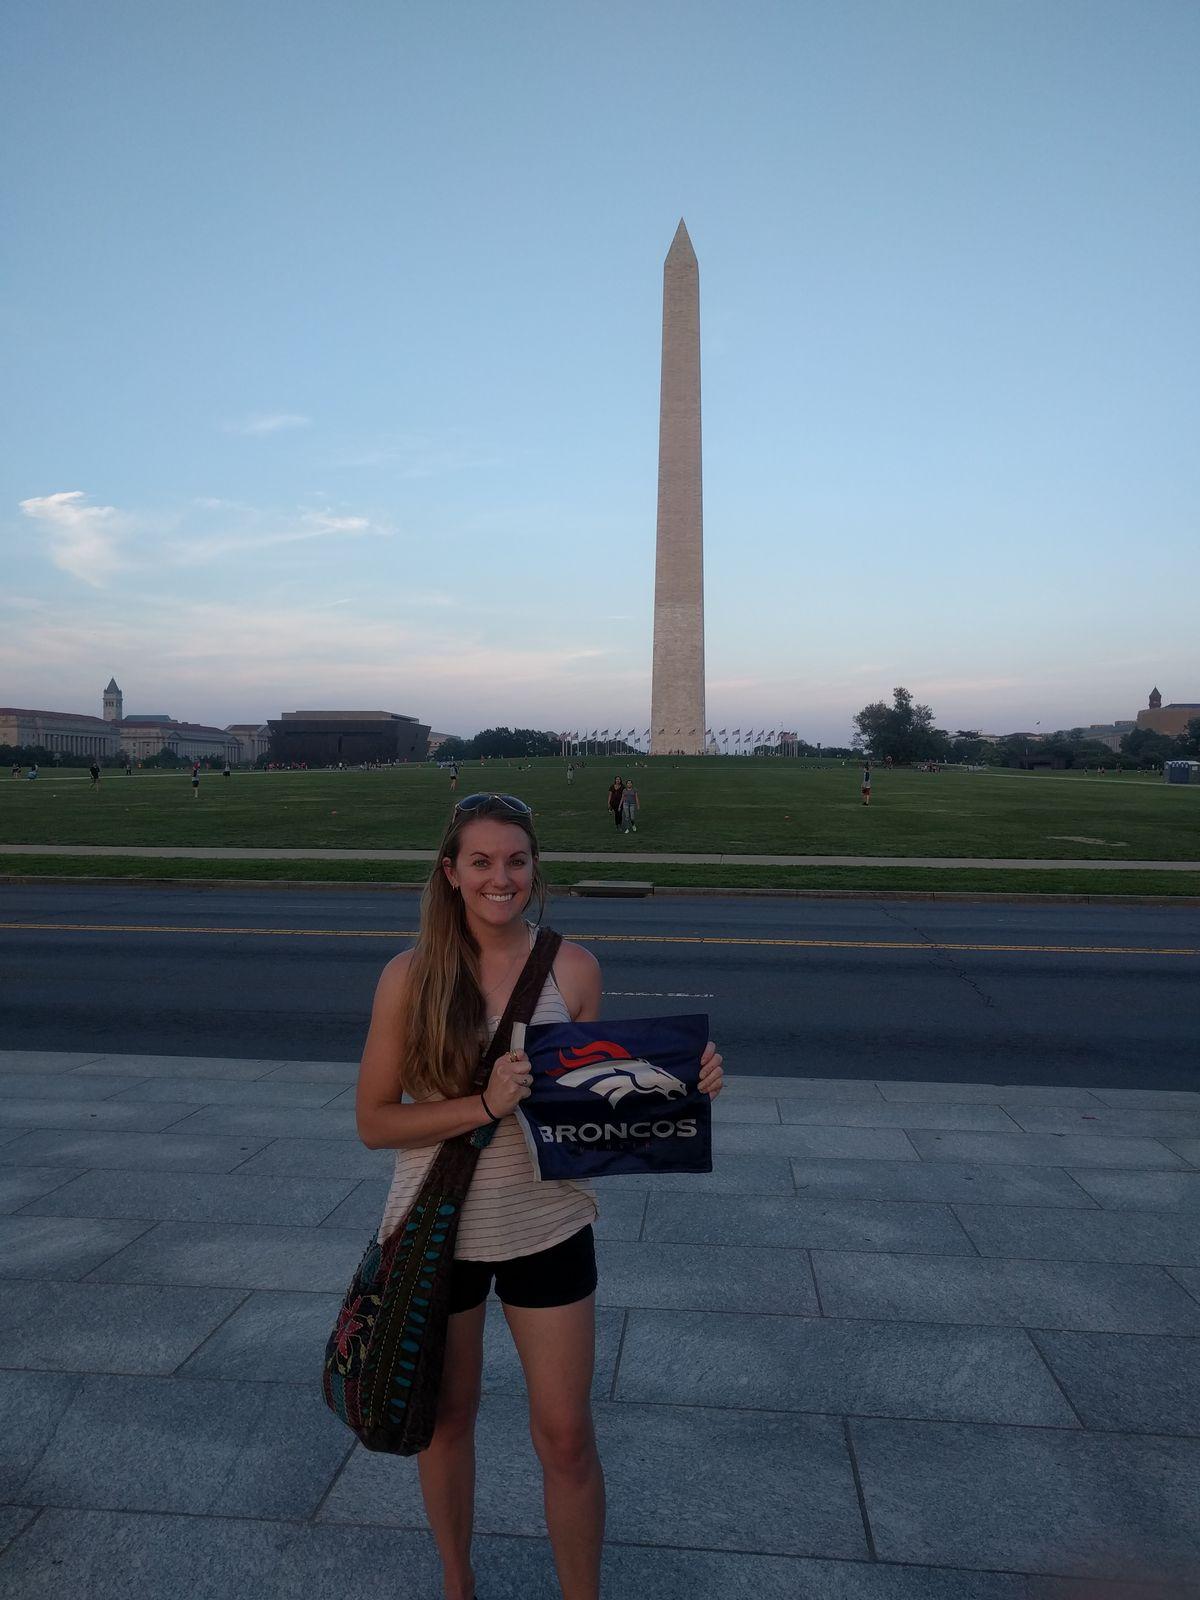 Washington Monument, National Mall, Washington, DC